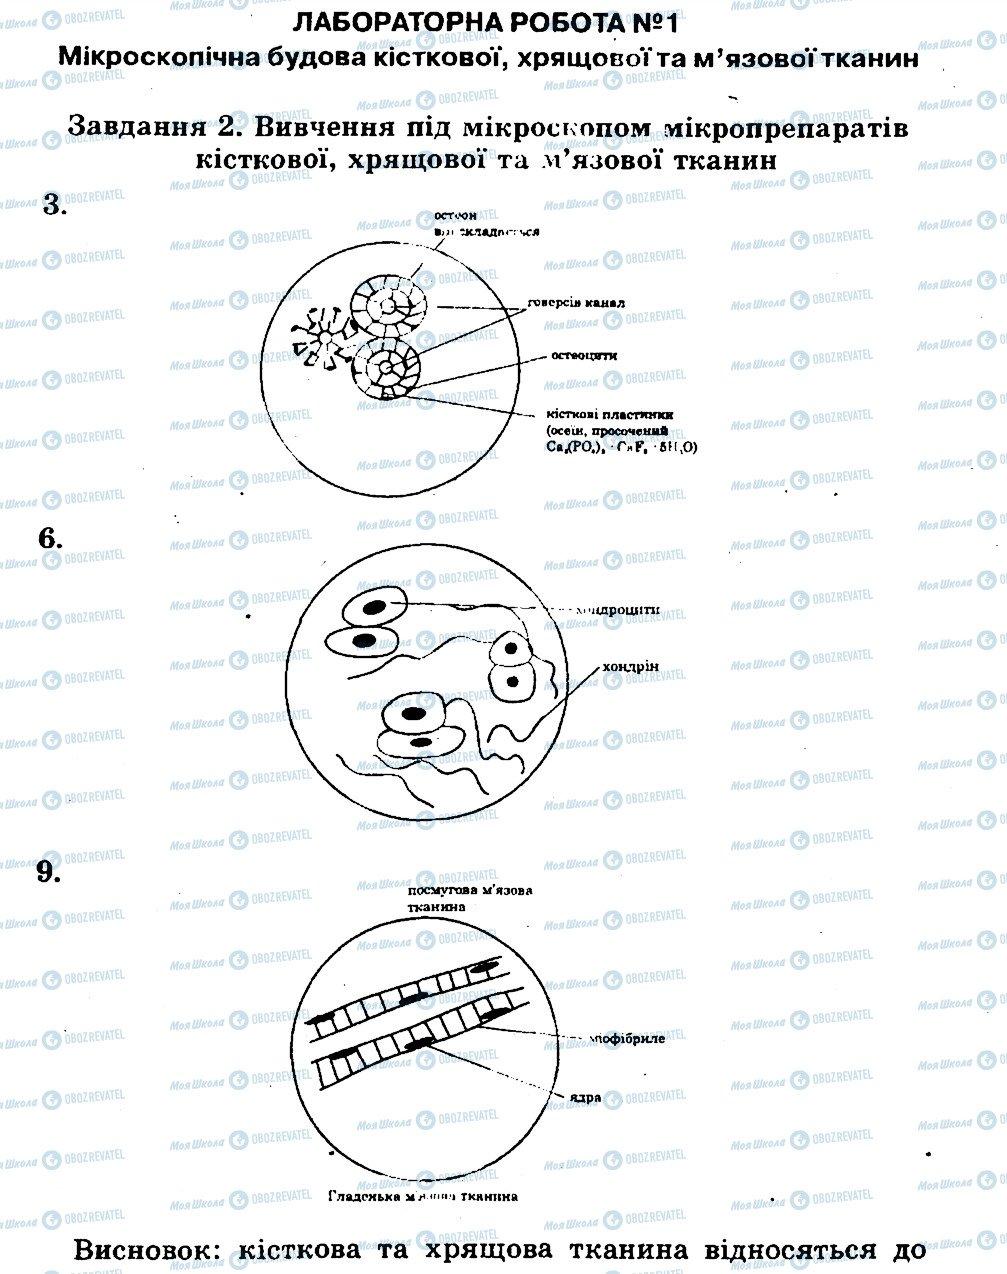 ГДЗ Біологія 9 клас сторінка ЛР1